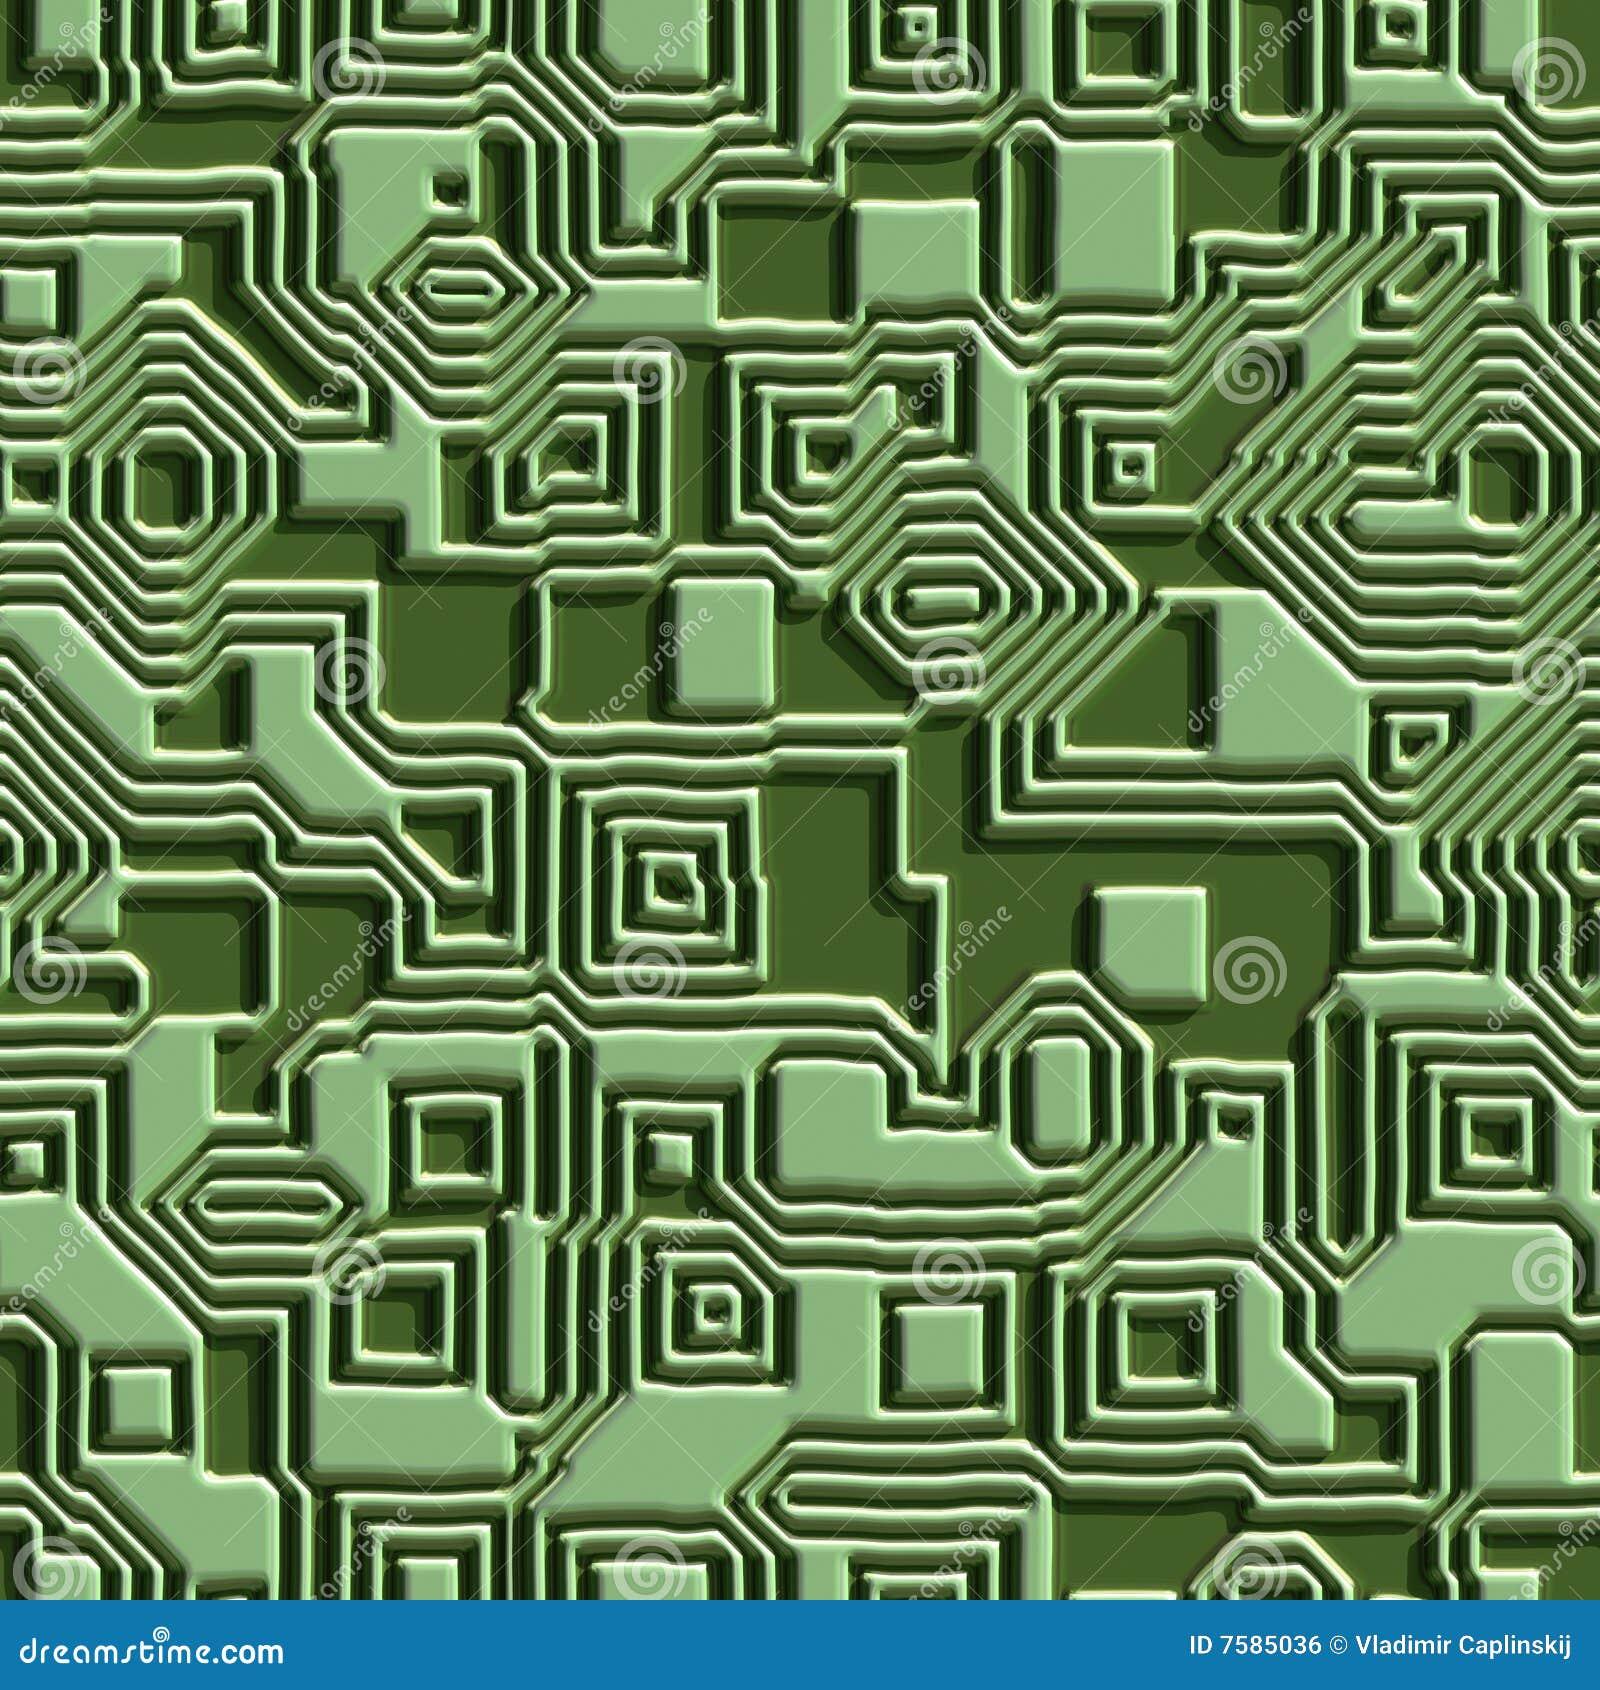 circuit texture - photo #27